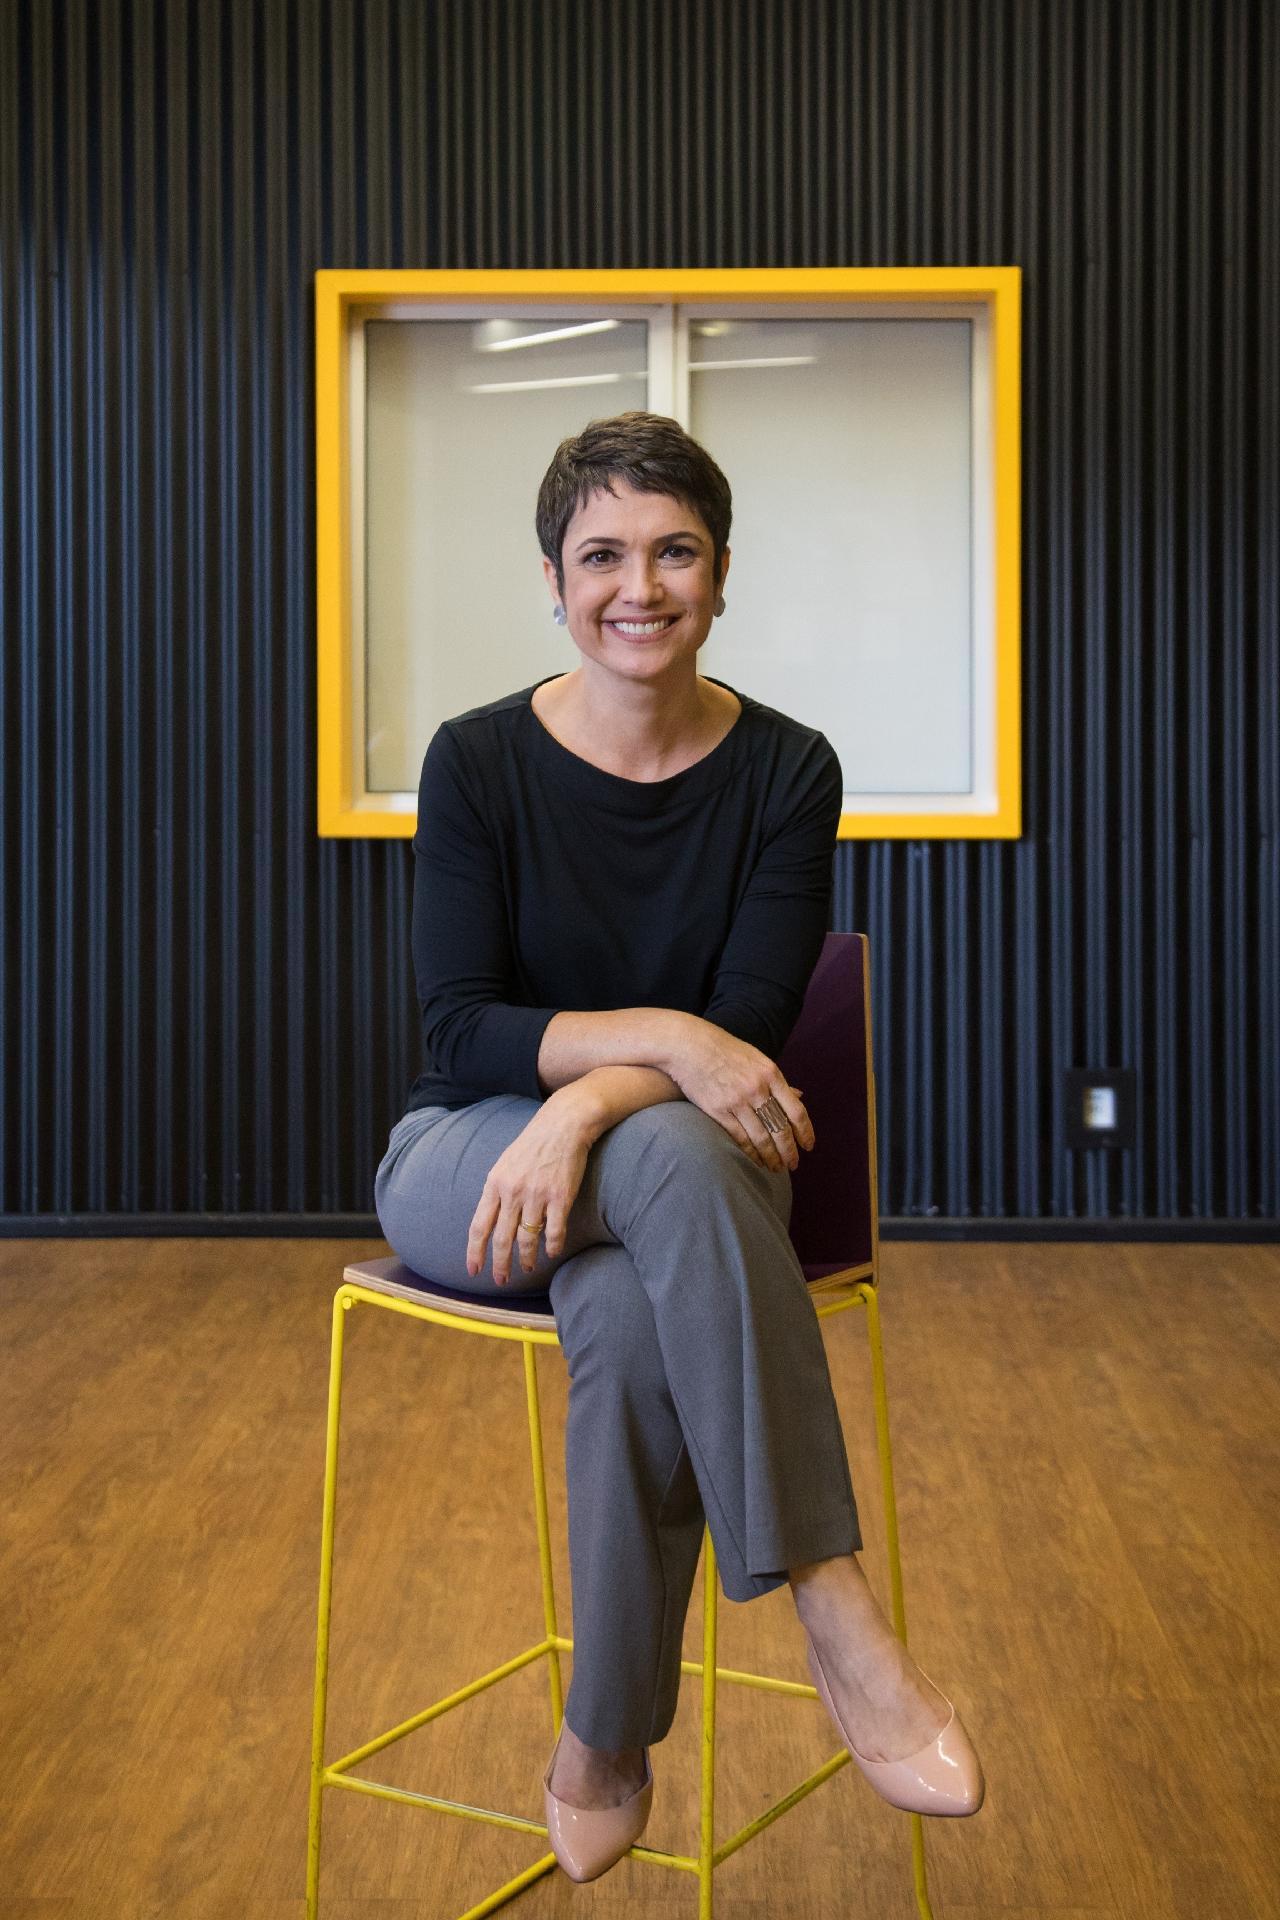 De atriz ao Globo Repórter: a carreira nada deselegante de Sandra Annenberg